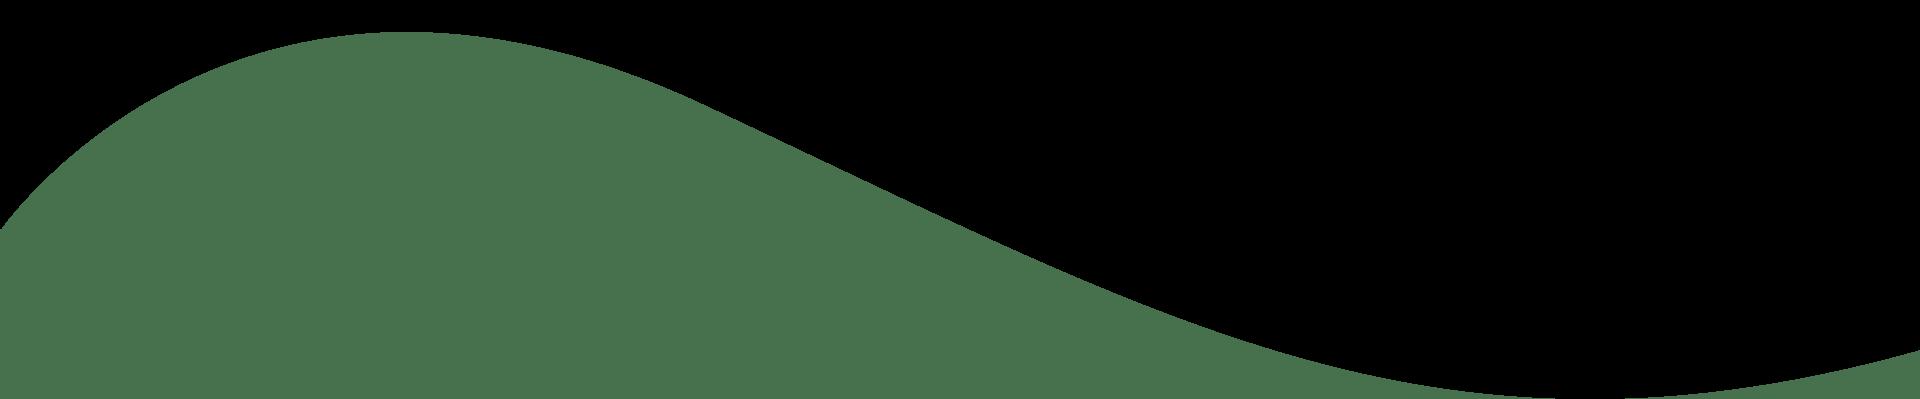 Пример правильного разделителя для плагина Elementor